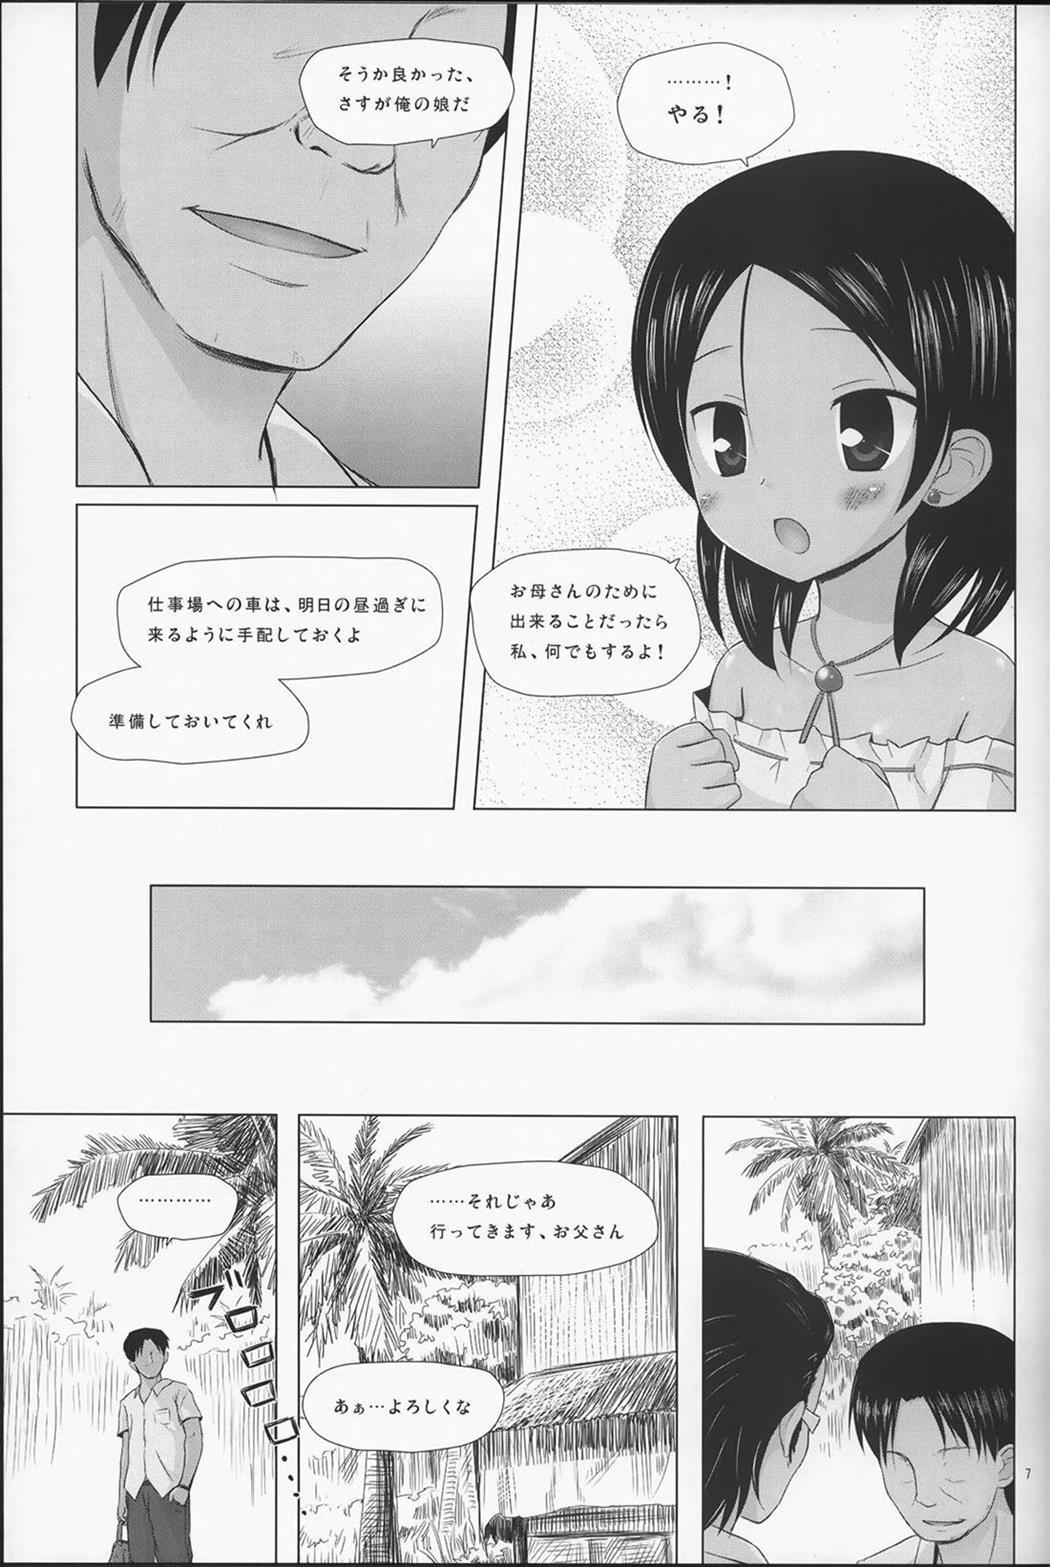 【エロ漫画・エロ同人誌】異国で父親に売られて売春する羽目になったロリ少女wひたすらお客とエッチしてる毎日を送ってたら日本人の男に助けられ日本に来てもセックス依存がぬけてないwww (7)